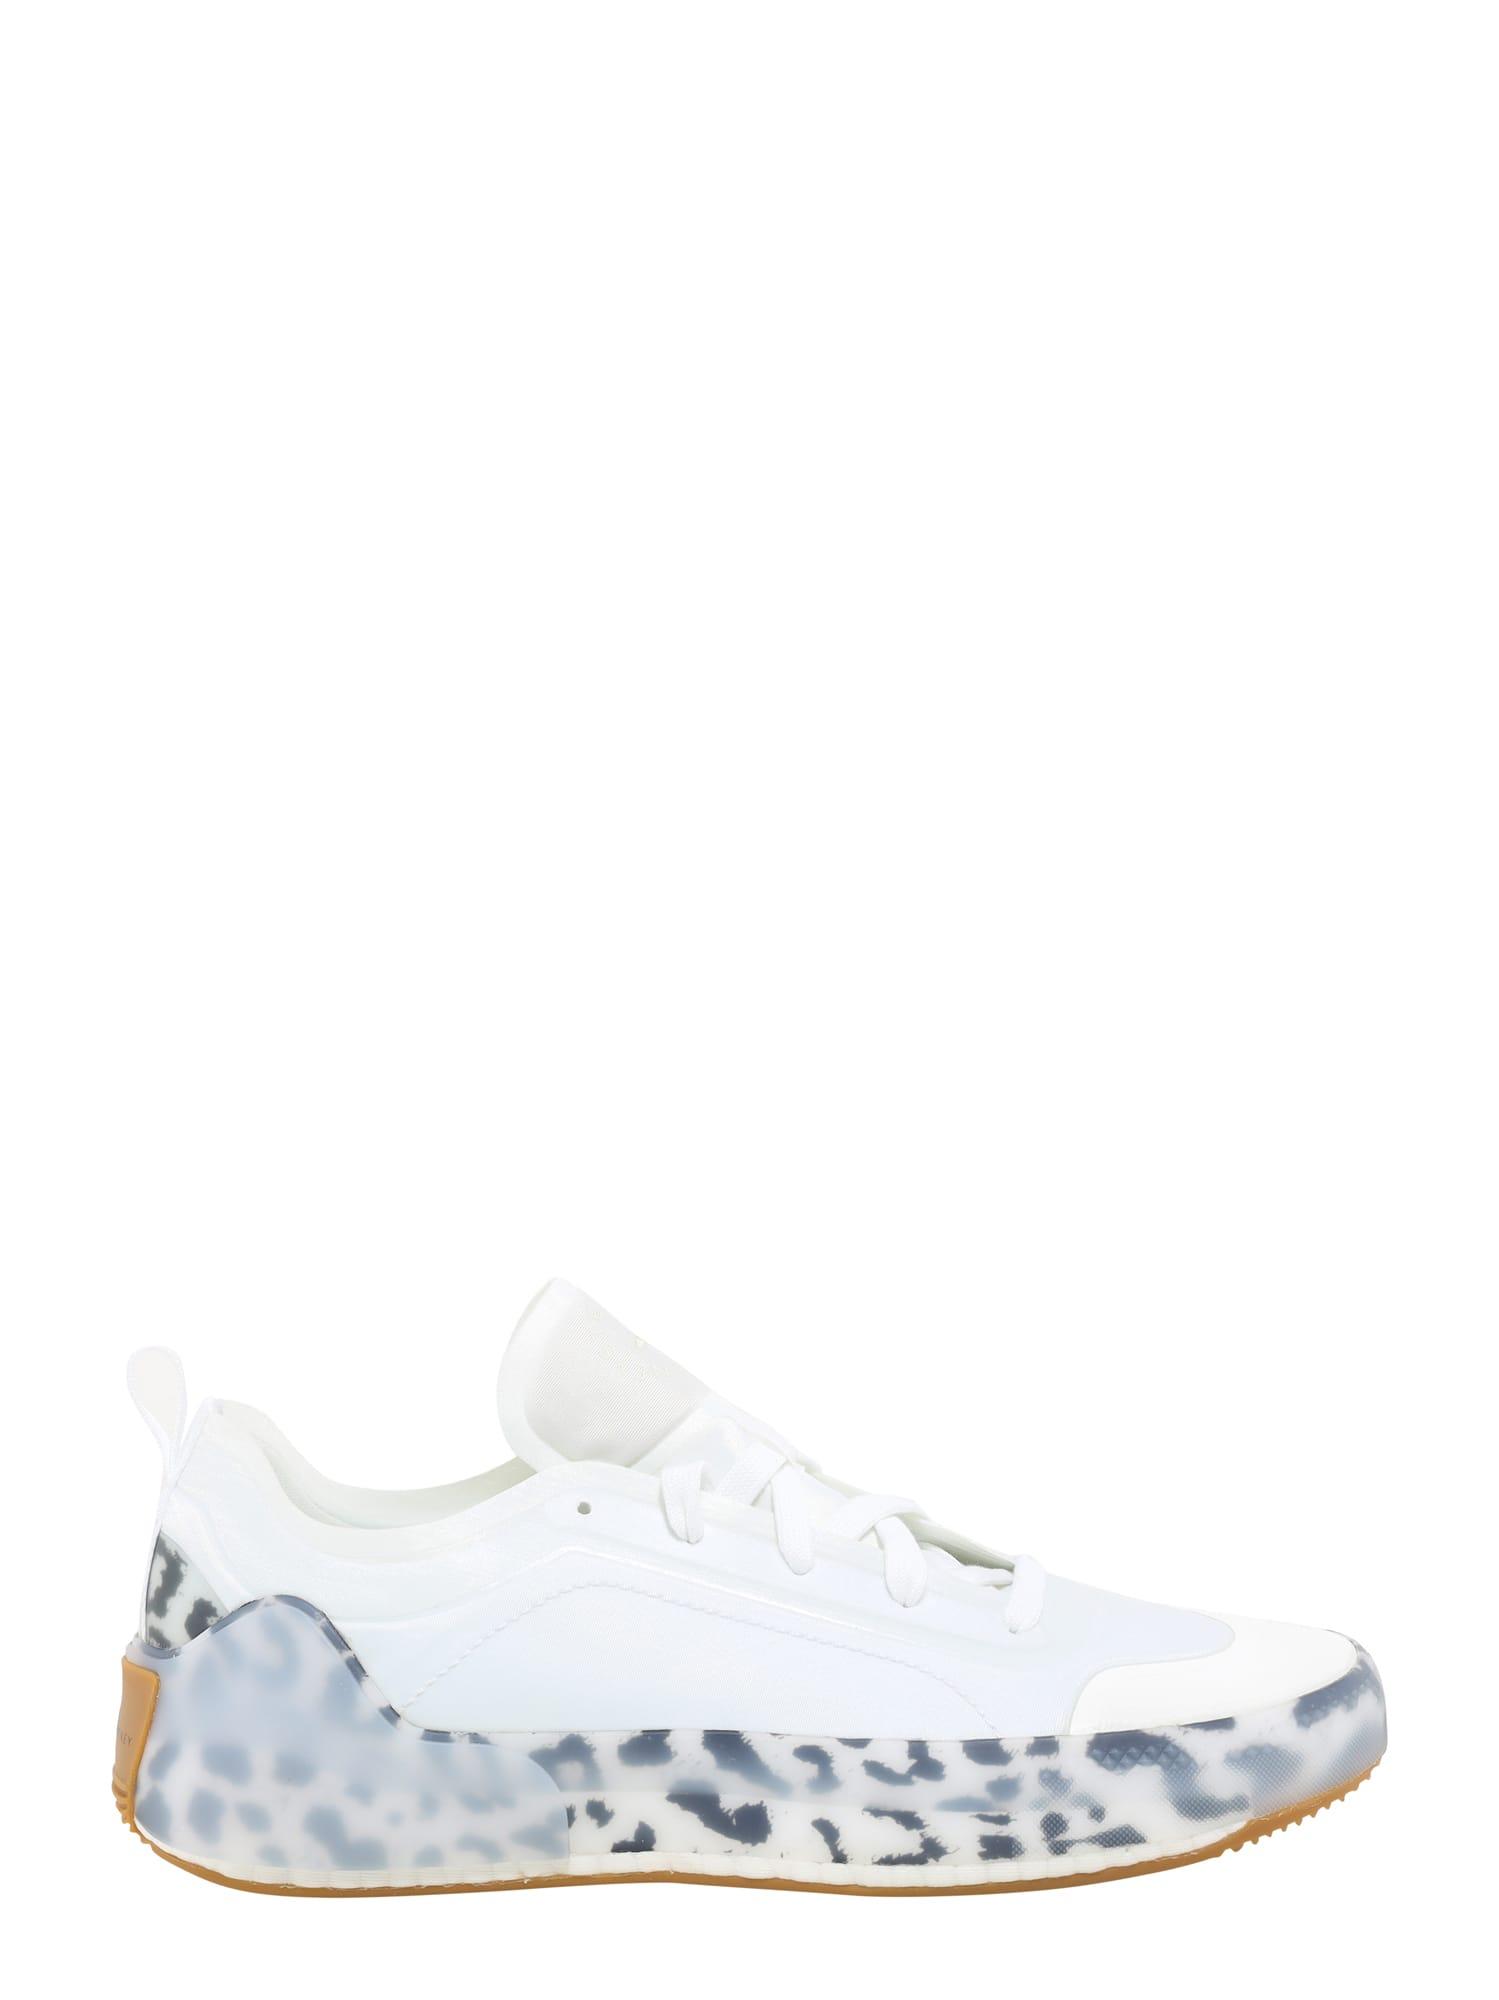 Adidas By Stella Mccartney Sneakers SNEAKERS